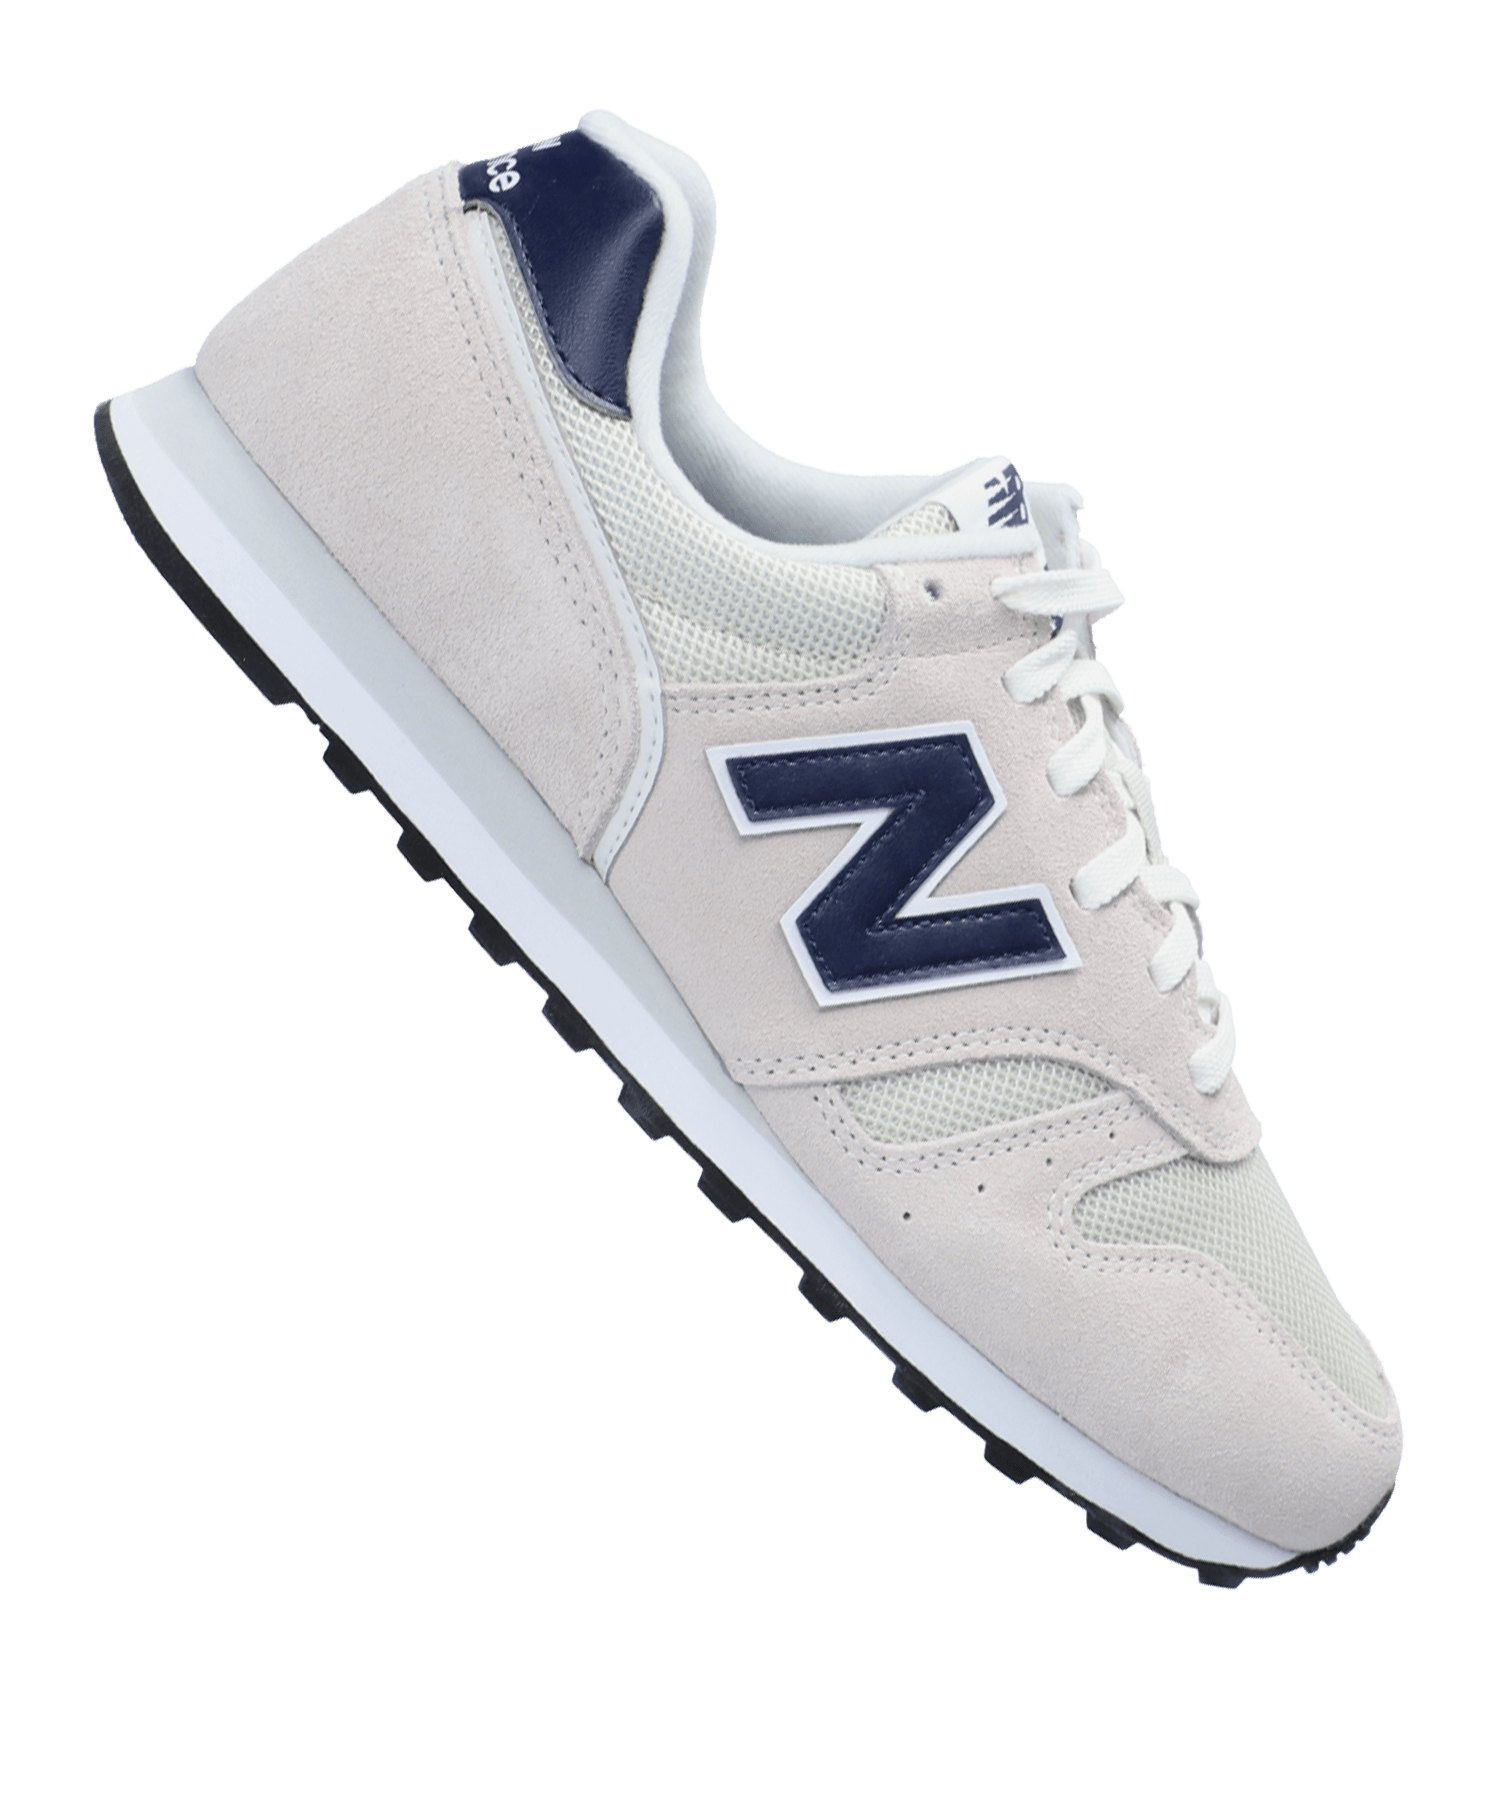 New Balance ML373 D Sneaker Weiss F03 - weiss